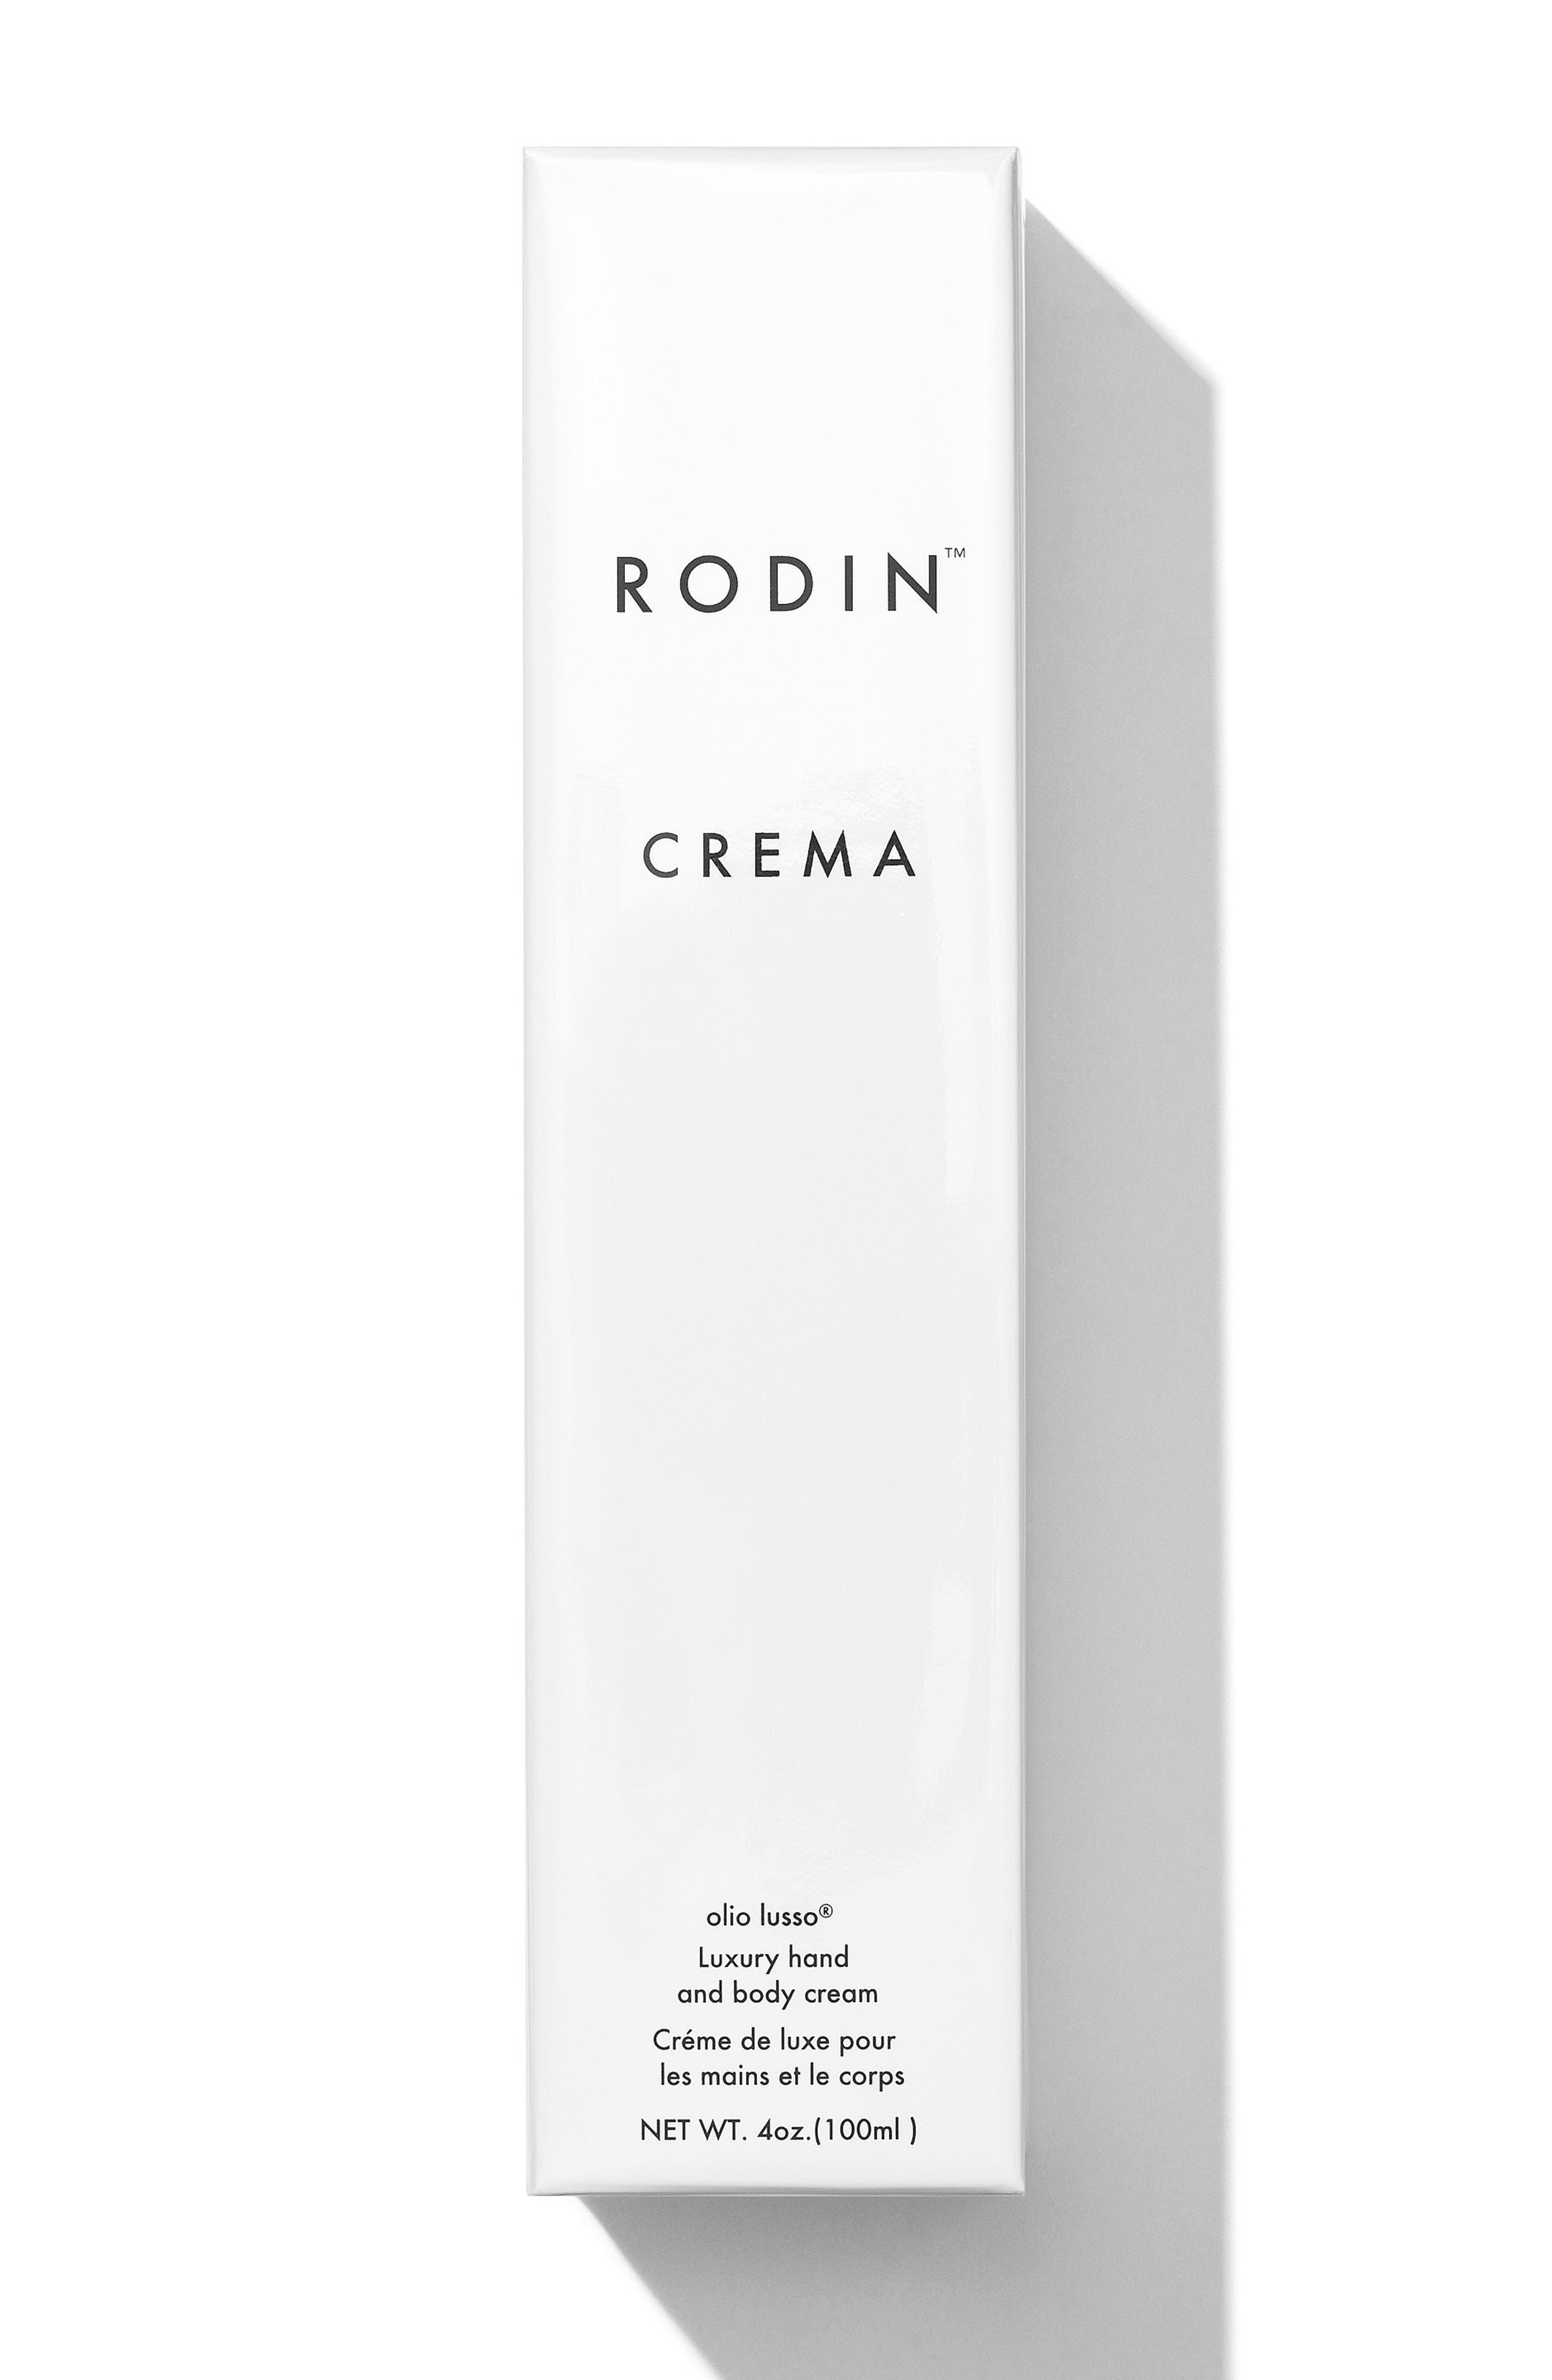 RODIN OLIO LUSSO,                             Crema Luxury Hand and Body Cream,                             Alternate thumbnail 3, color,                             NO COLOR